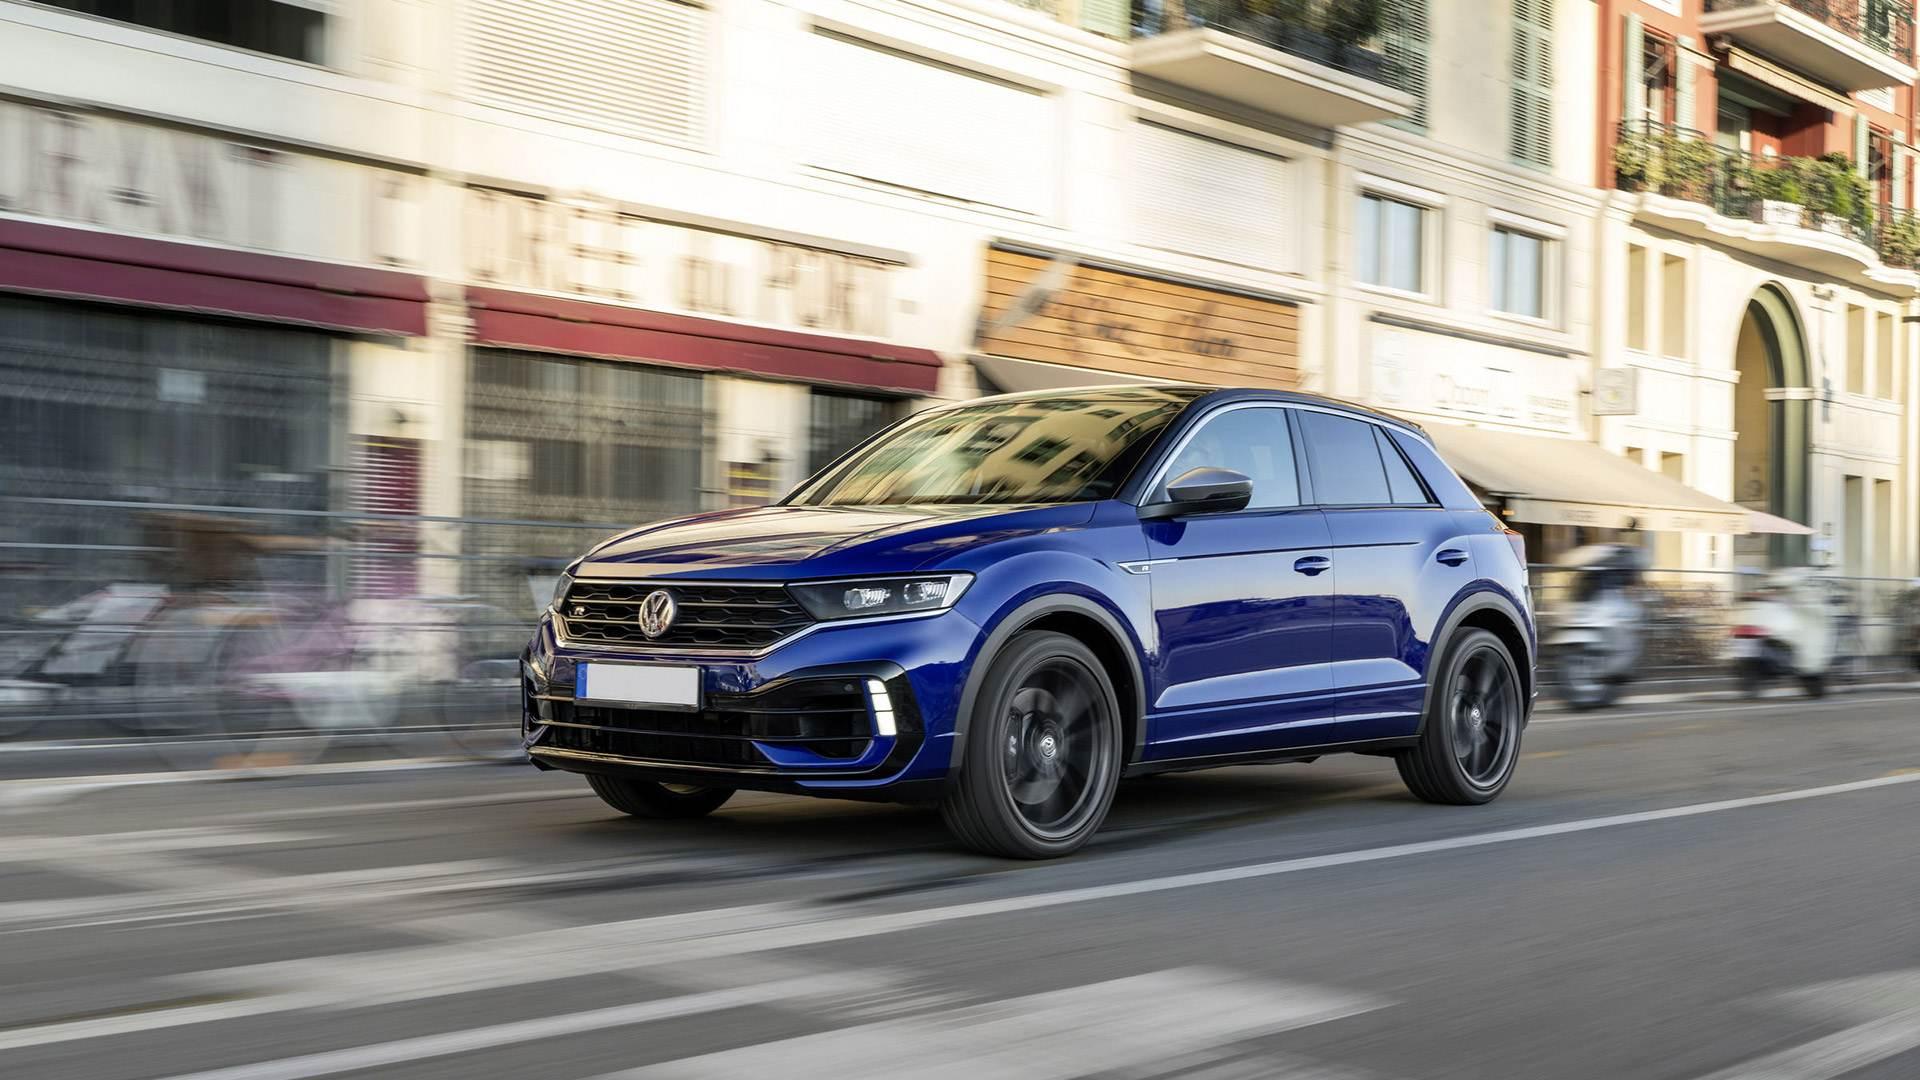 Renting coches Volkswagen TROC